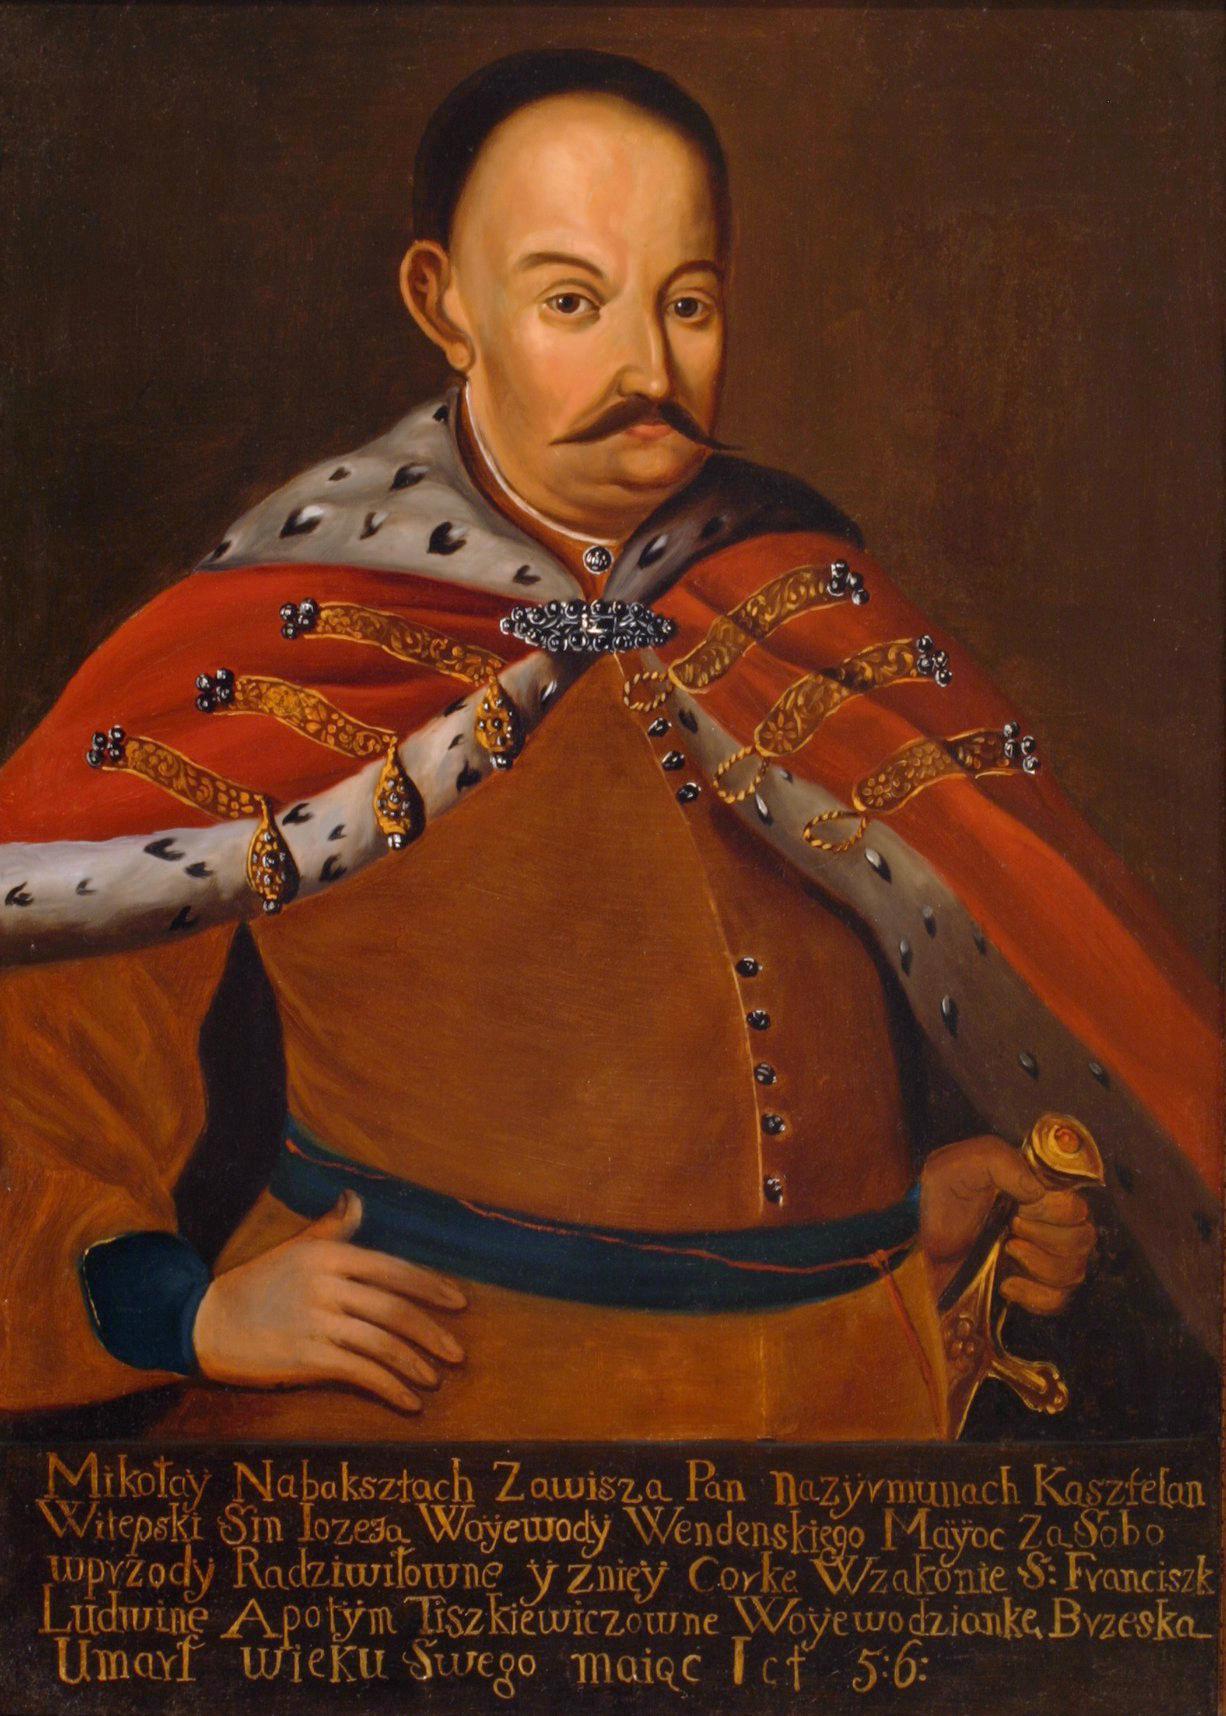 Mikołaj Zawisza